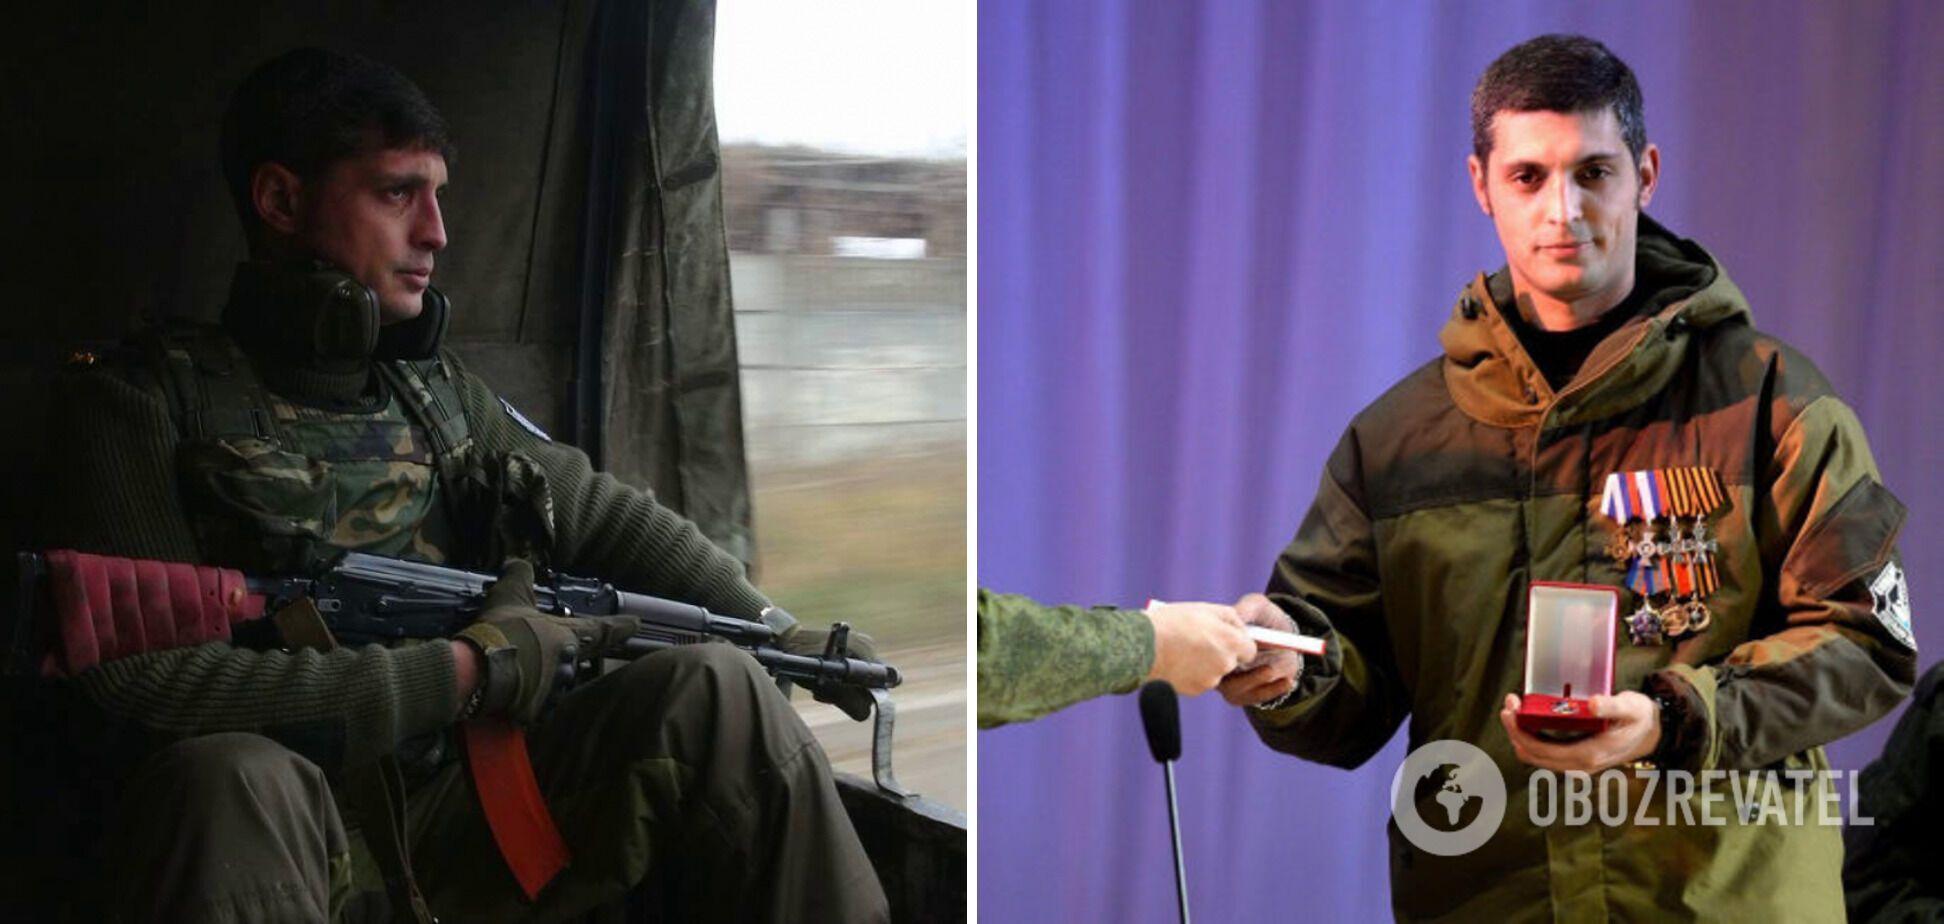 Михайло Толстих із весни 2014 року брав активну участь у бойових діях проти військ України